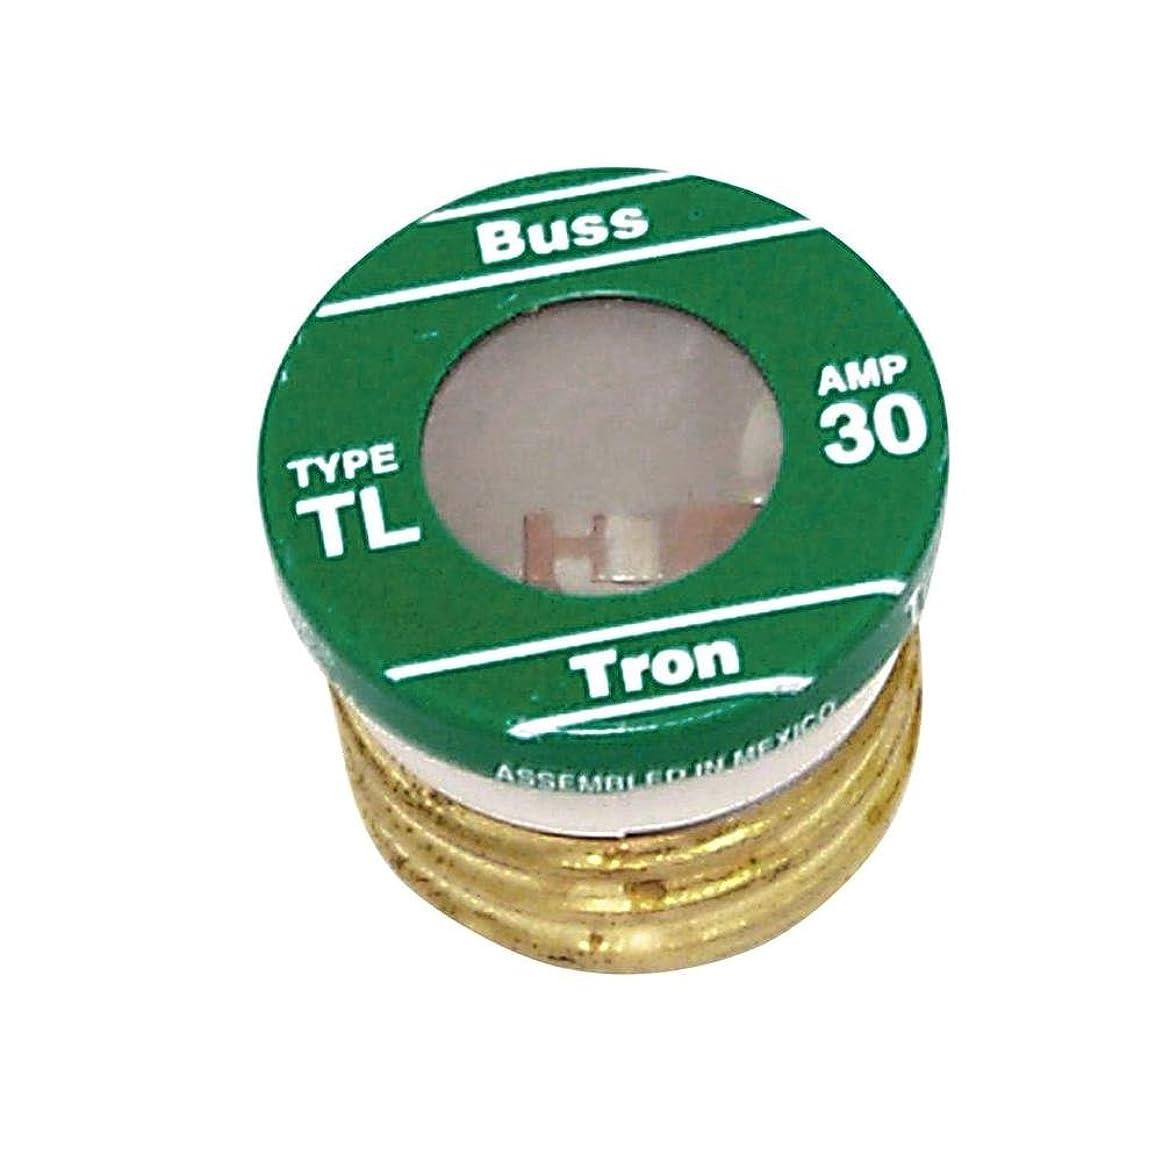 私セール省略するBussman tl-30pk4?30?Amp TL Edisonプラグ時間遅延ヒューズ4カウント